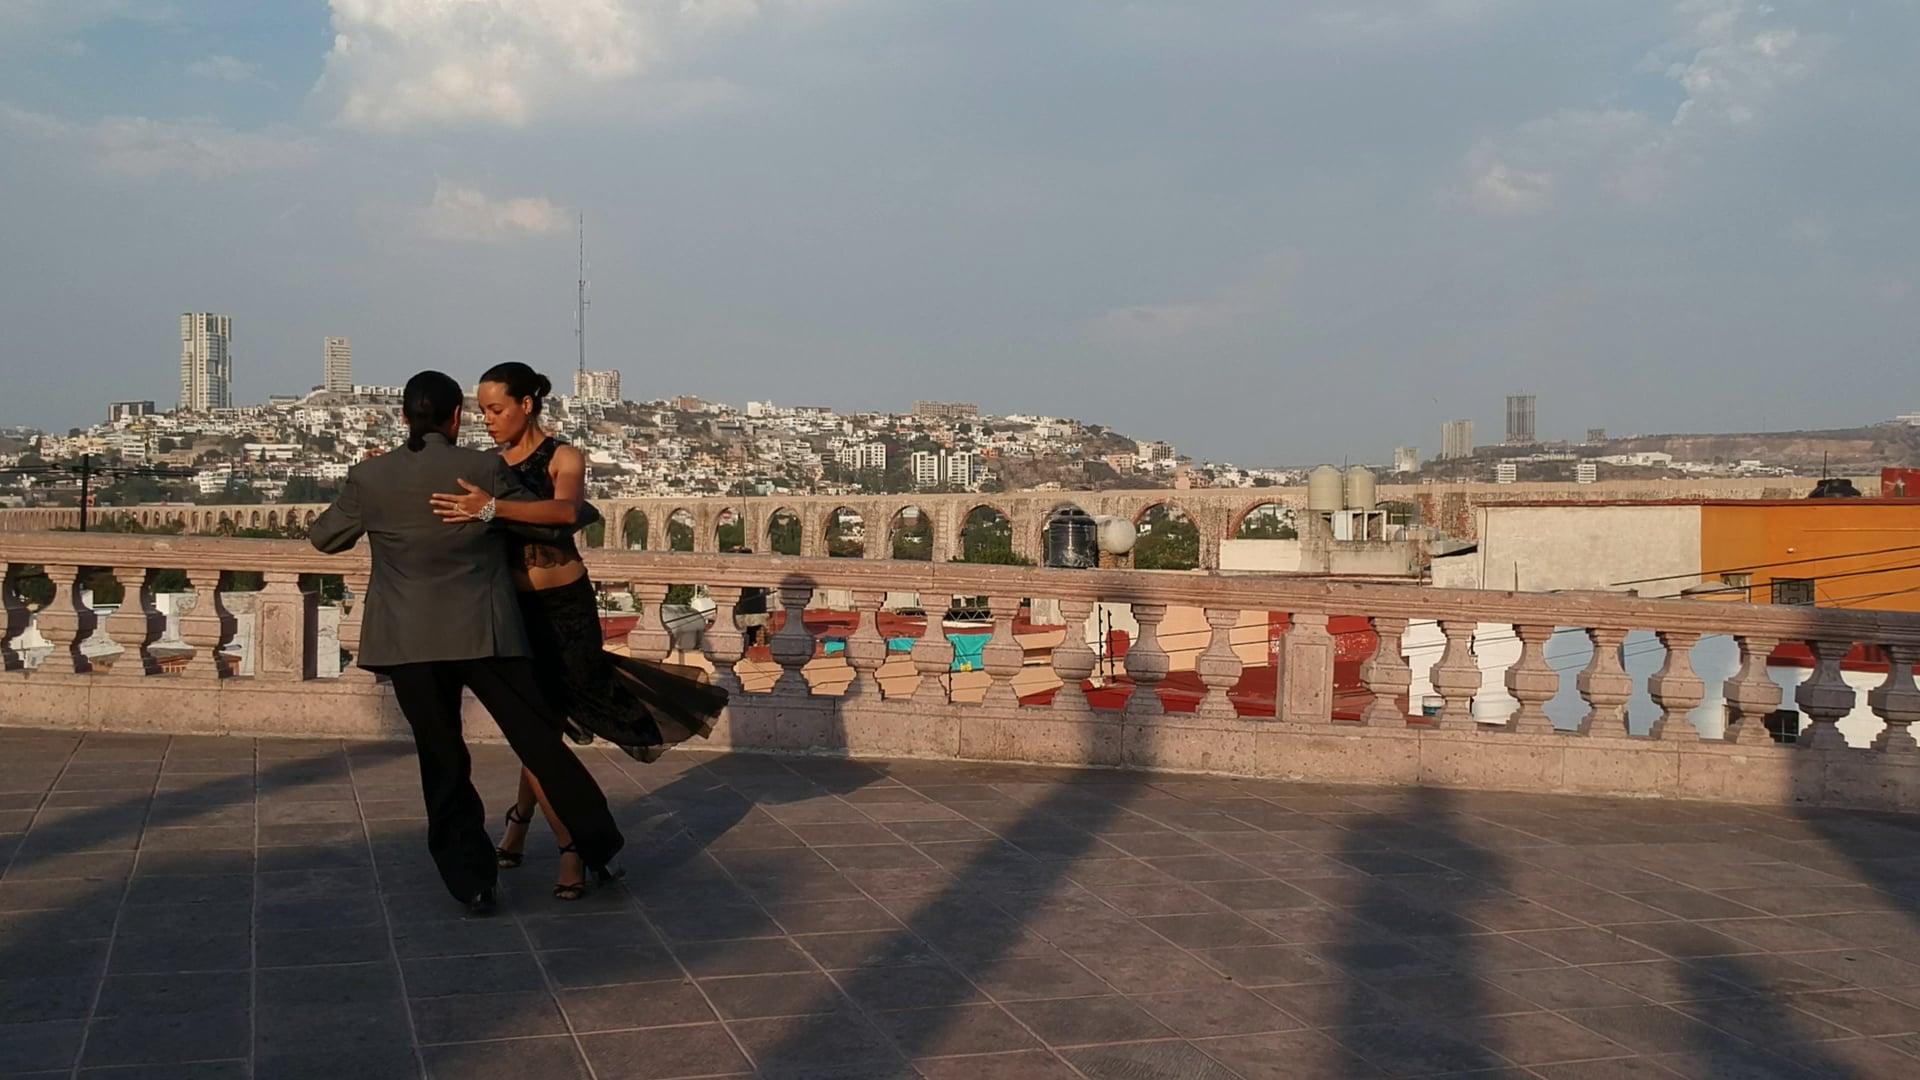 Regarder Baile de abrazo en streaming gratuit